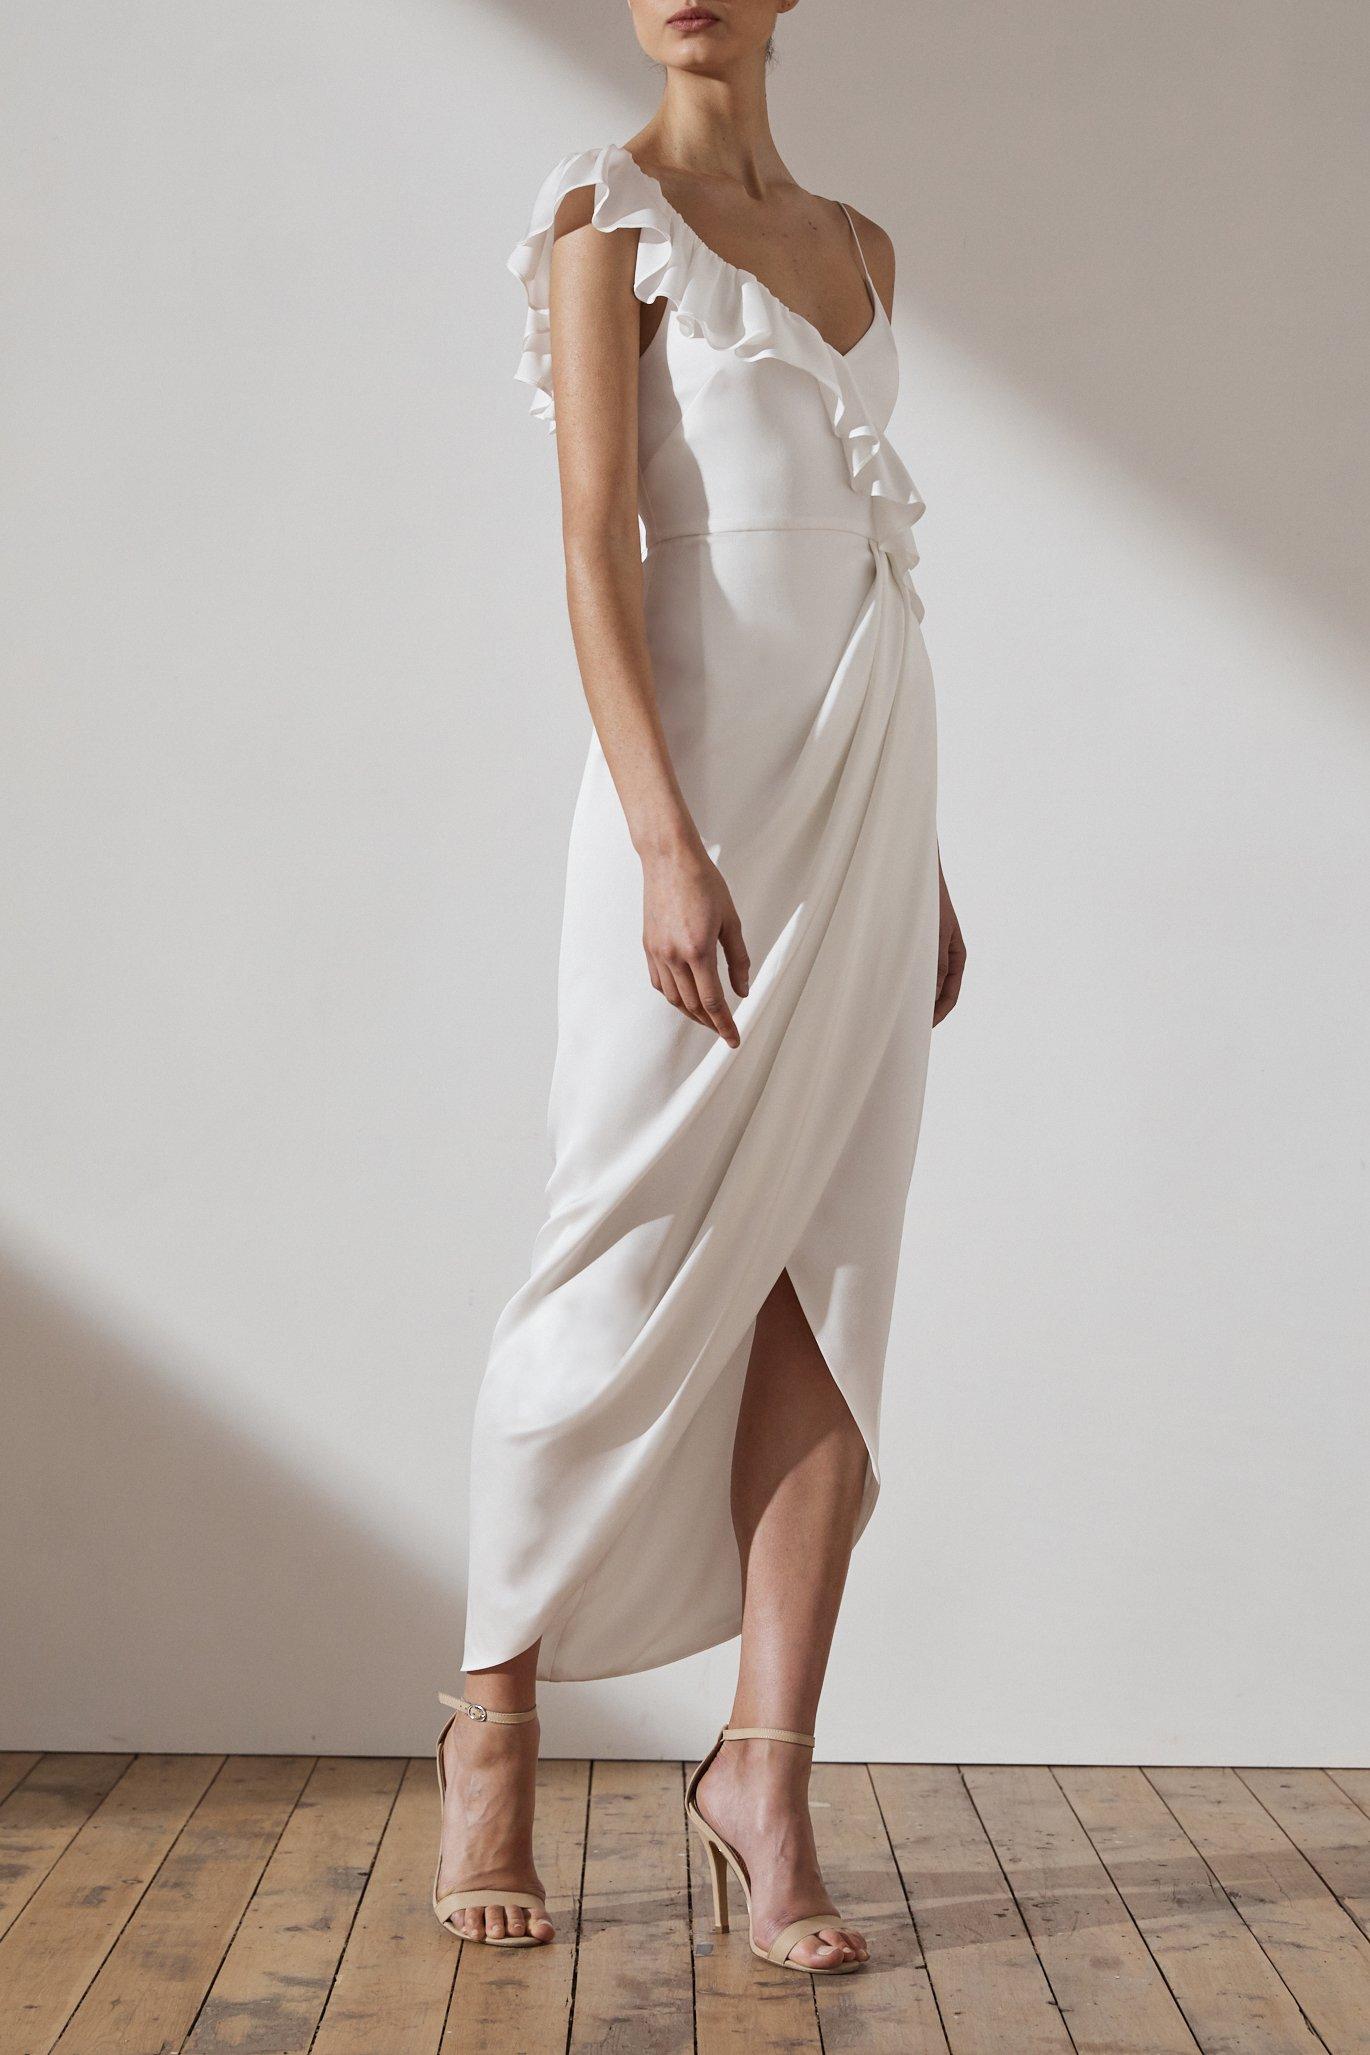 Amy Luxe Asymmetrical Frill Dress by Shona Joy - Ivory